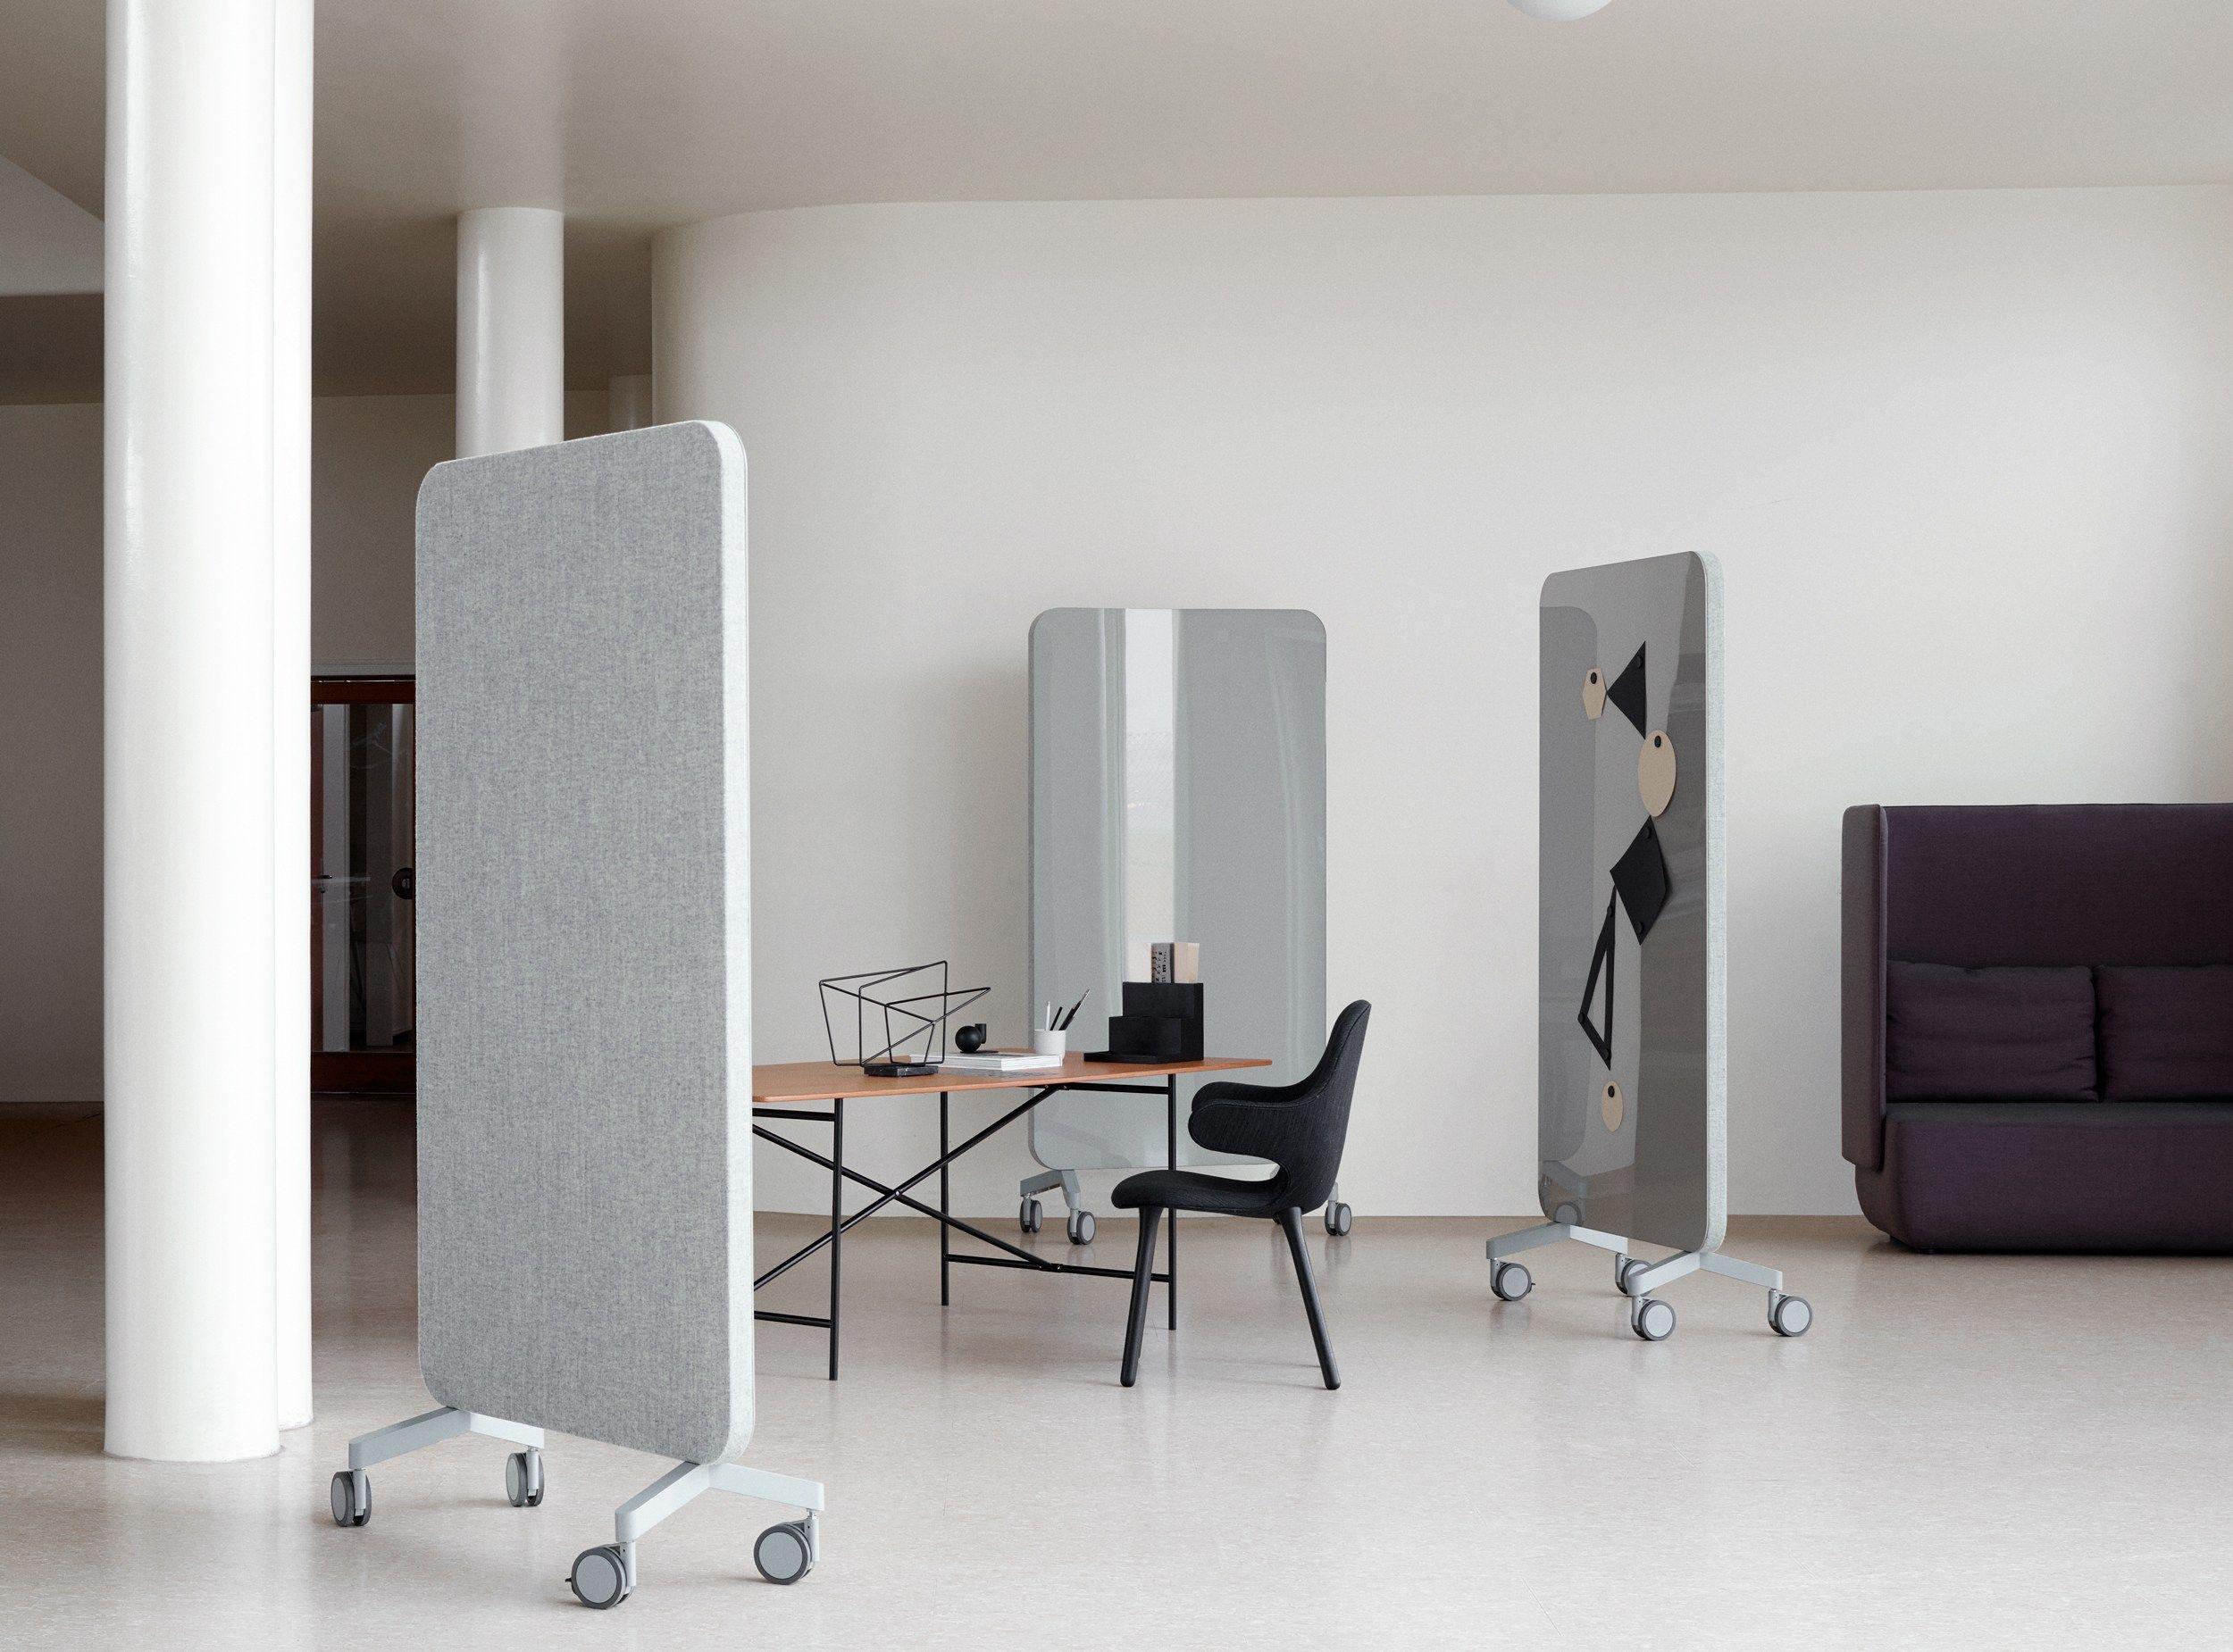 Lavagna per ufficio magnetica con ruote mood fabric mobile for Ufficio tumblr